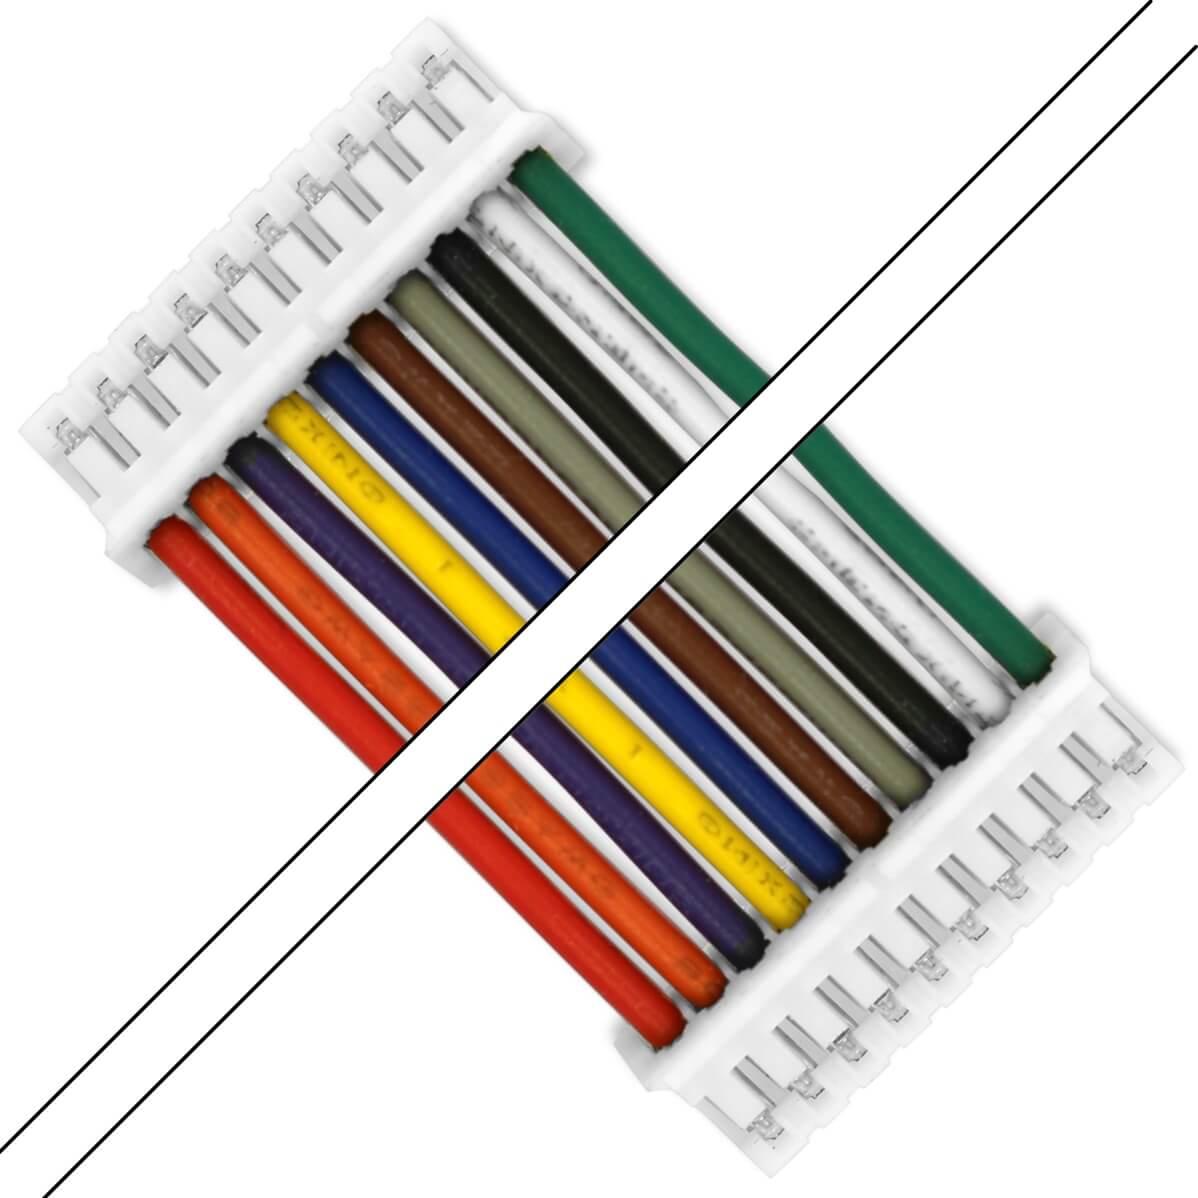 Câble PH 2.0mm Femelle / Femelle 10 Pôles 2 Connecteurs 100cm (Unité)